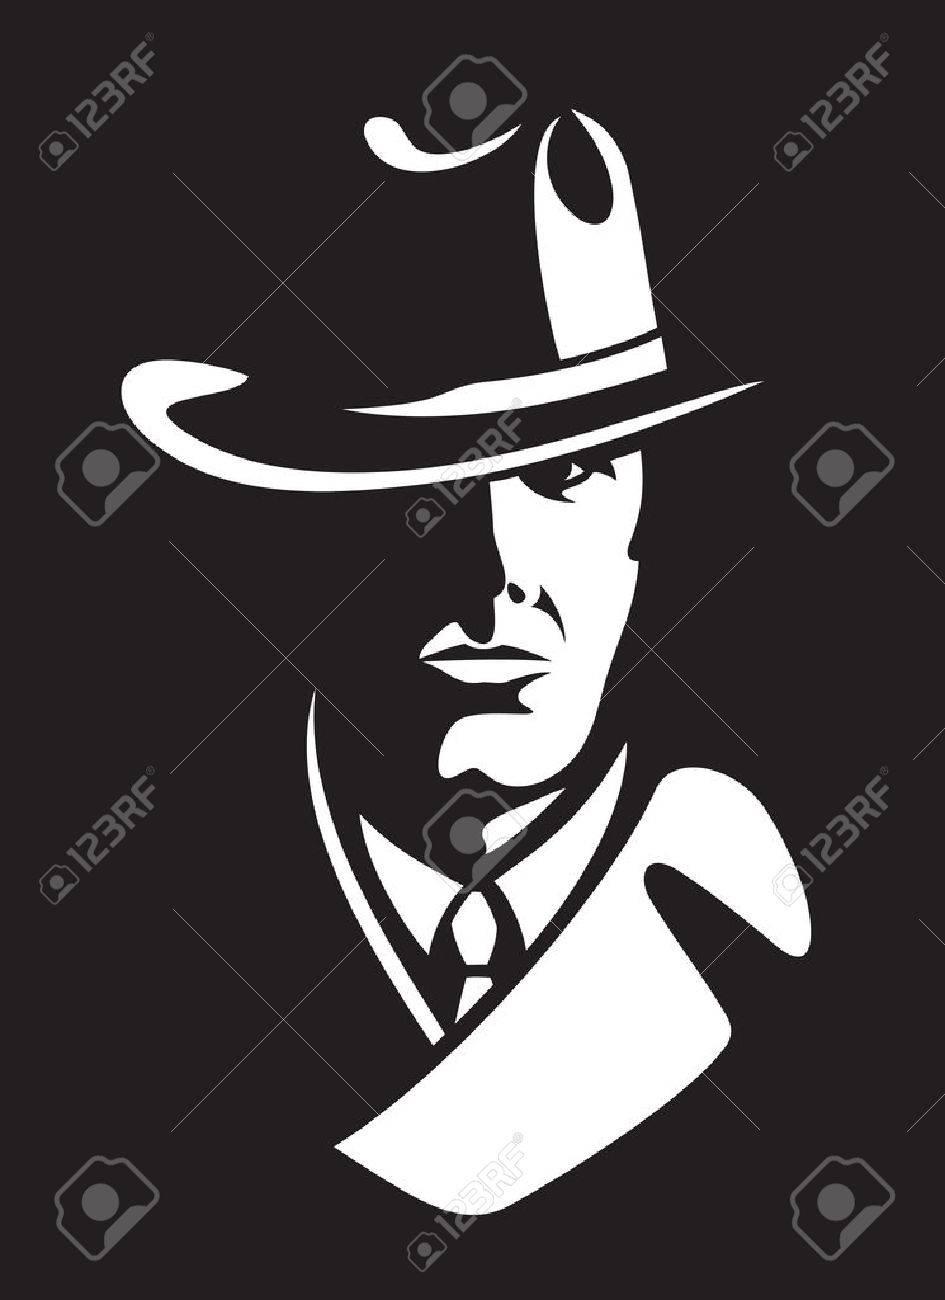 private detective vector illustration - 66527168